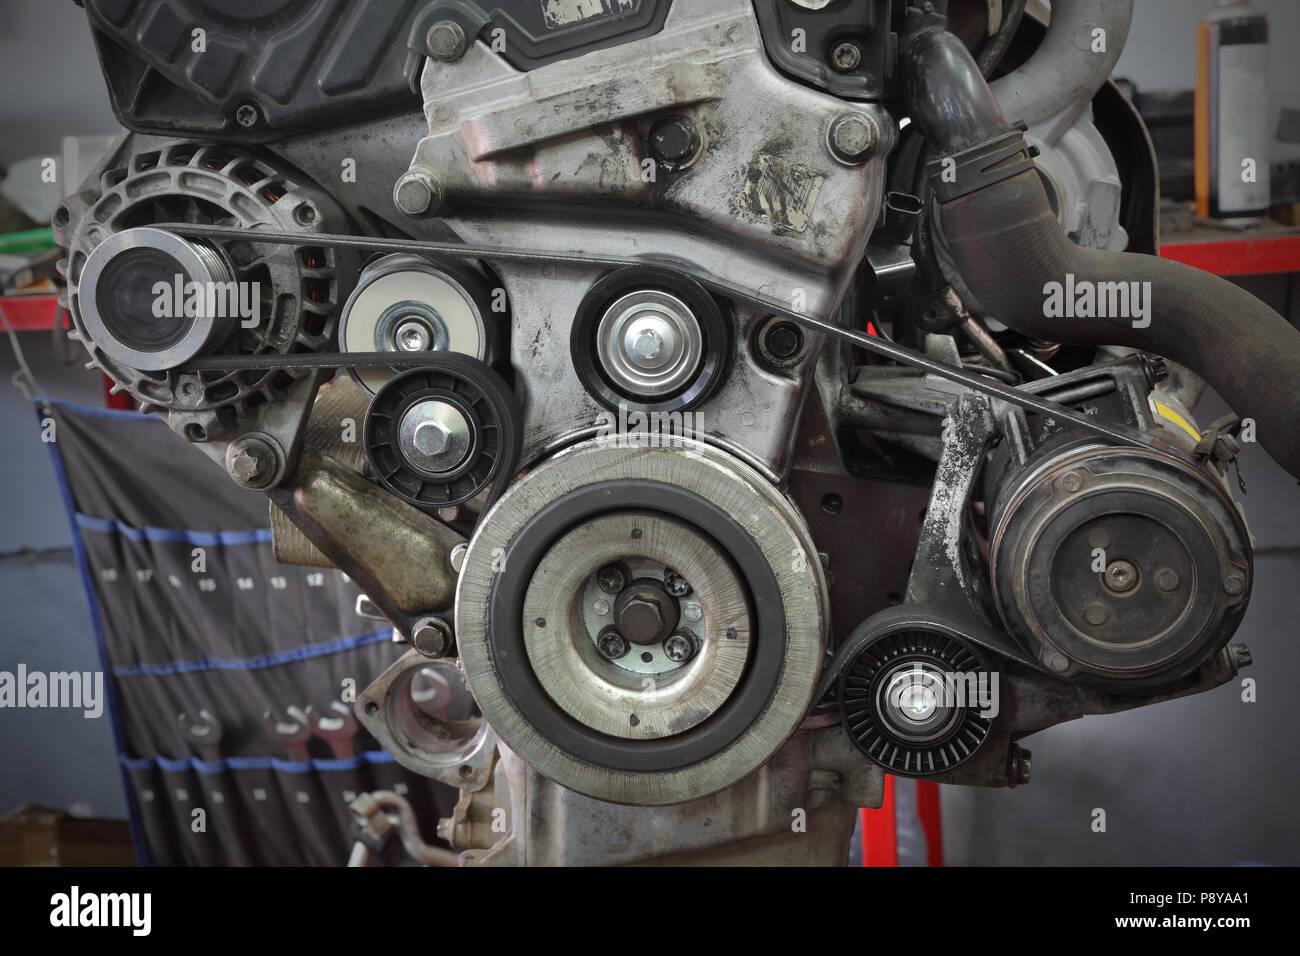 Pk belt, pulleys and alternator at modern car engine after servicing - Stock Image